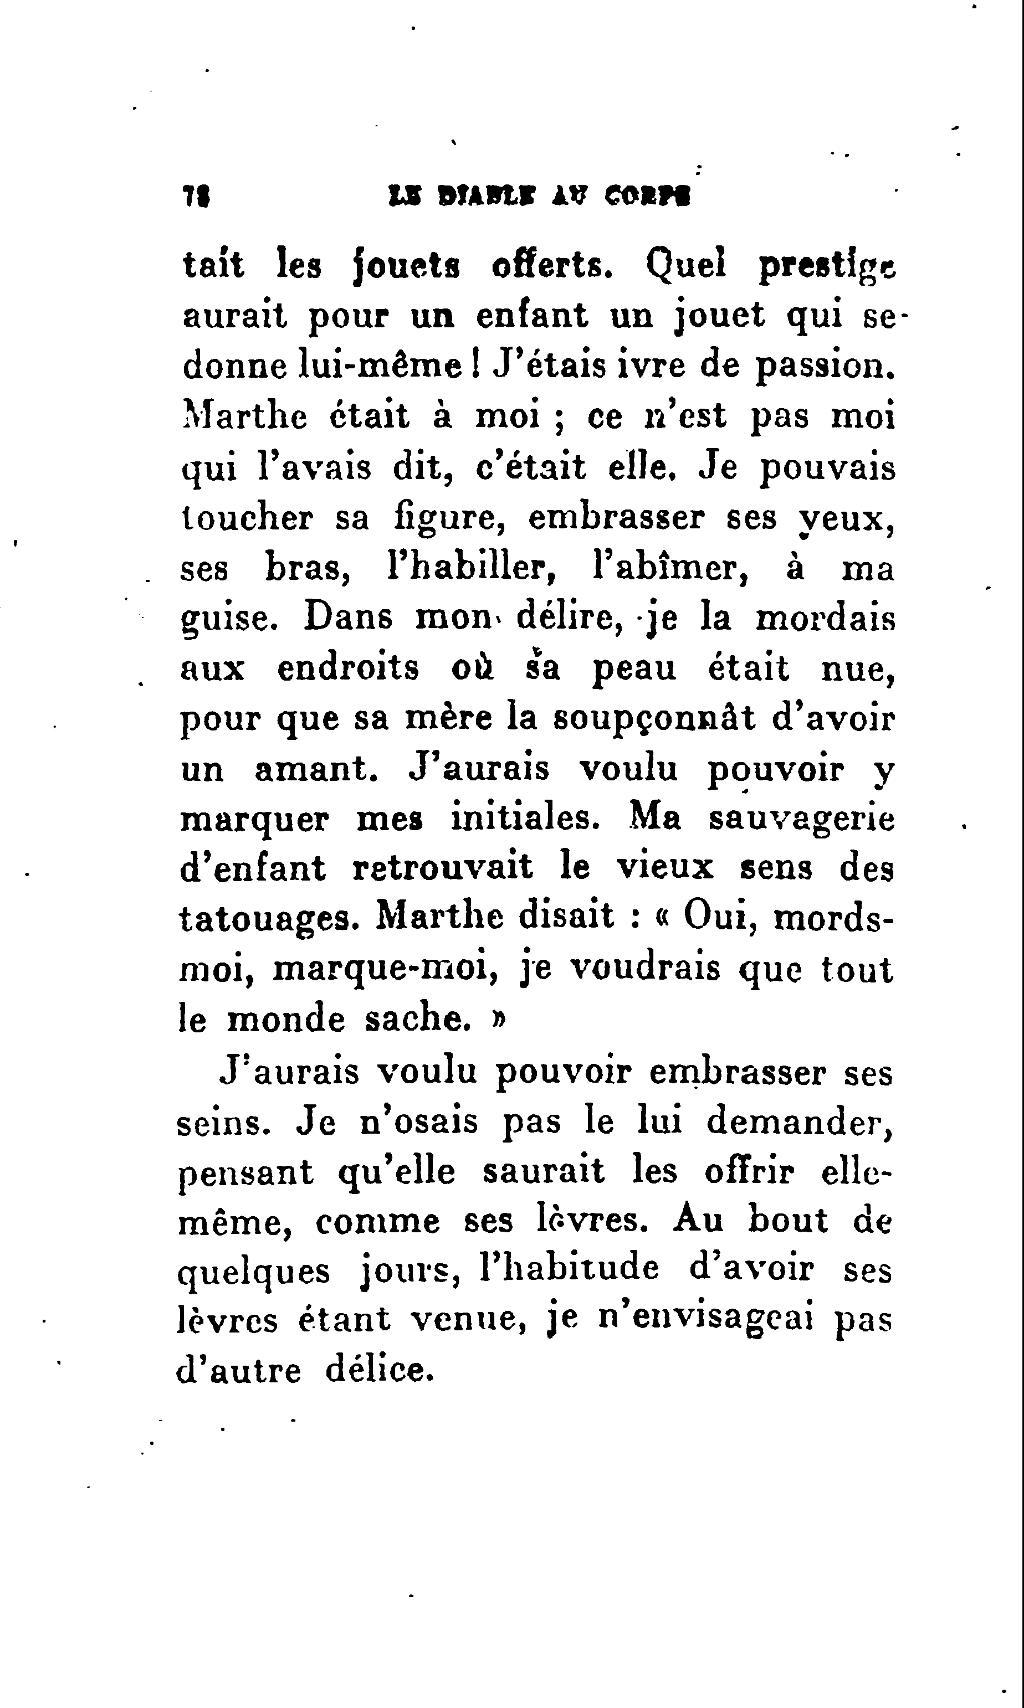 Avoir Le Diable Au Corps : avoir, diable, corps, Page:Radiguet, Diable, Corps,, Grasset,, 1923.djvu/82, Wikisource